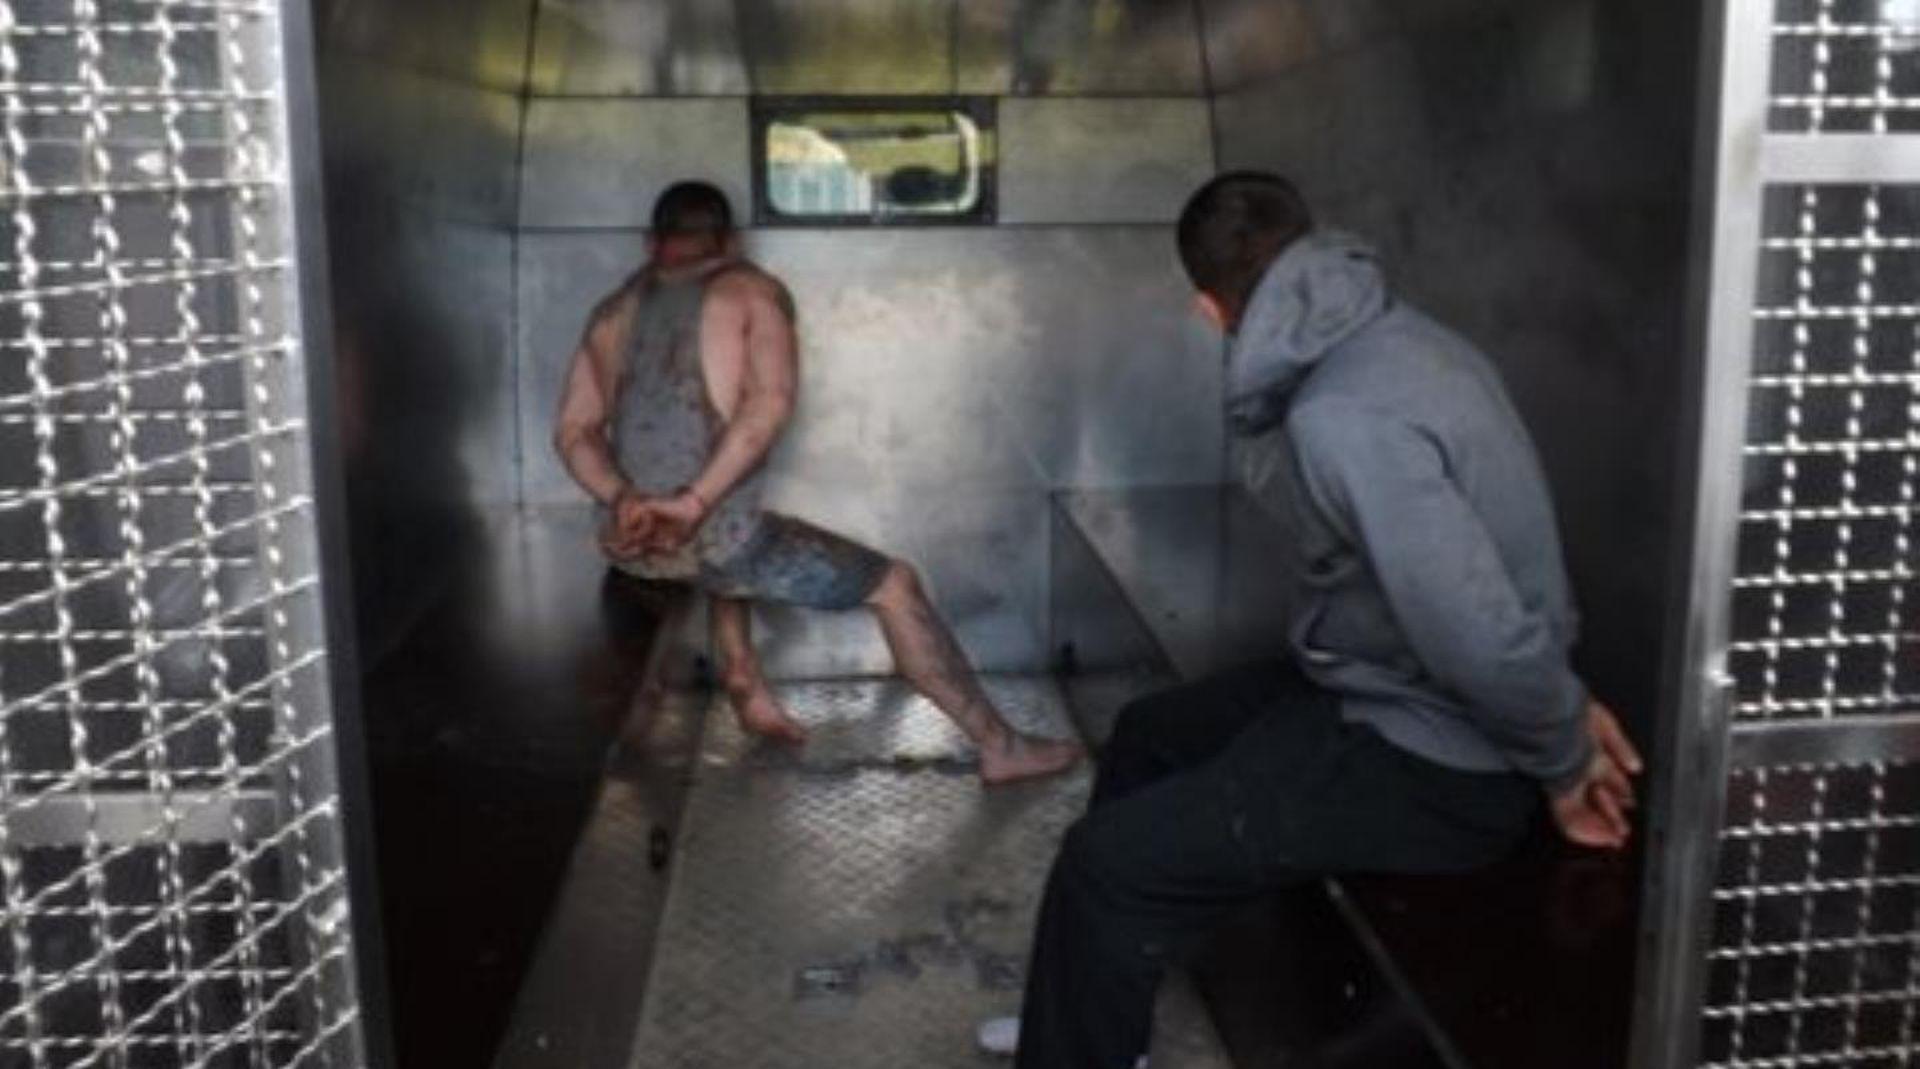 FOTO: NOVA GRADIŠKA Specijalci uhitili dvojicu nakon krađe i pucnjave